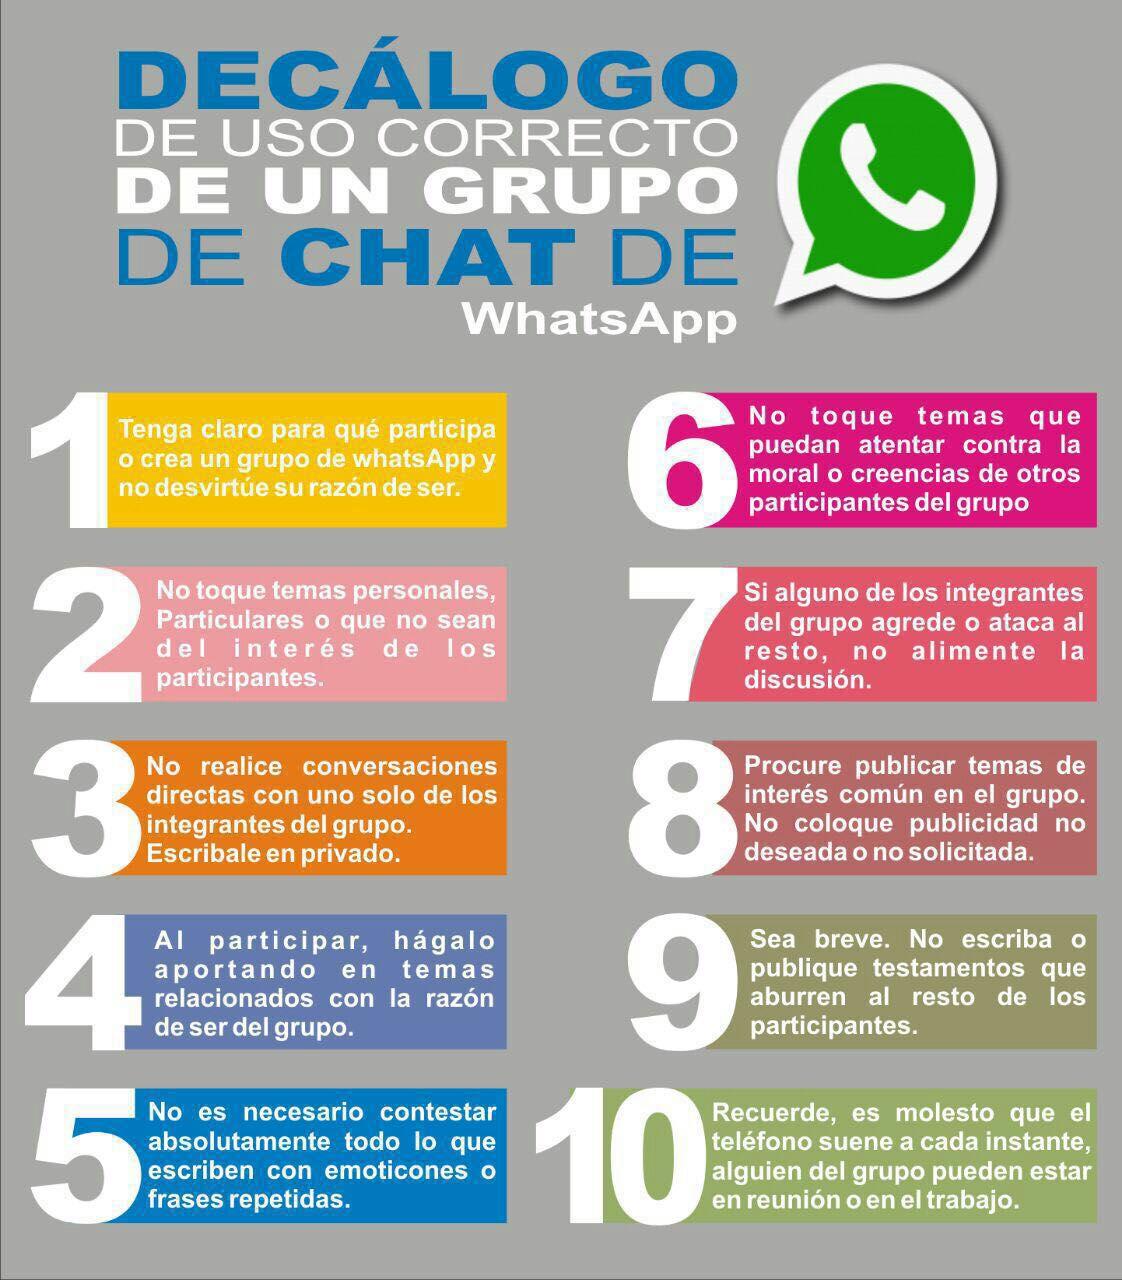 Decálogo del uso correcto de Grupos de Whatsapp